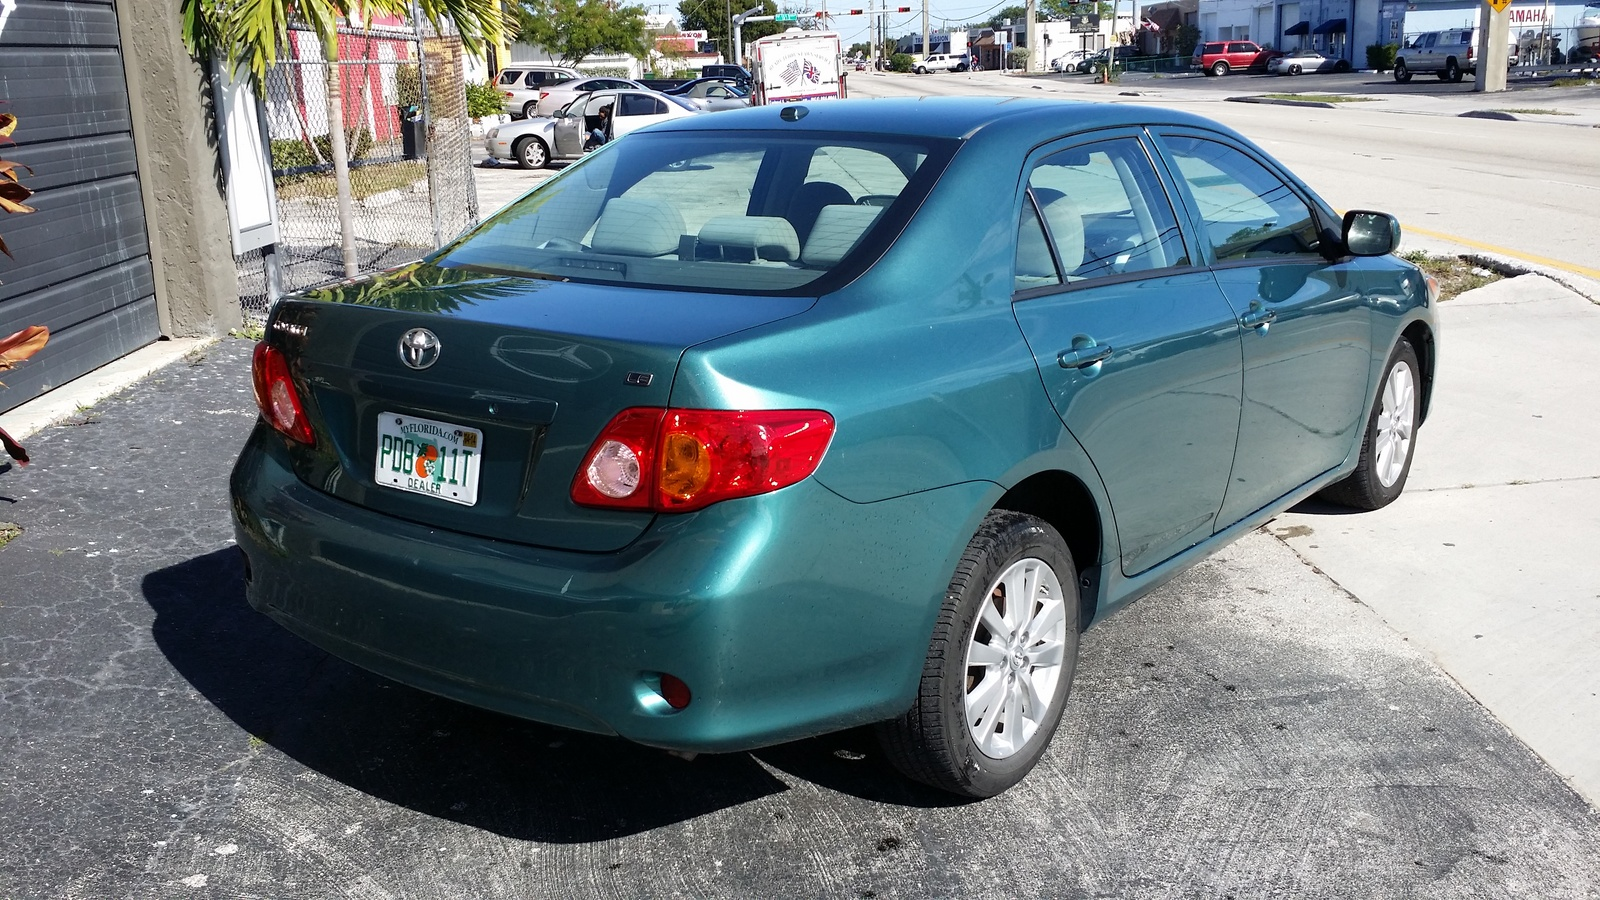 2010 Toyota Corolla Pictures Cargurus